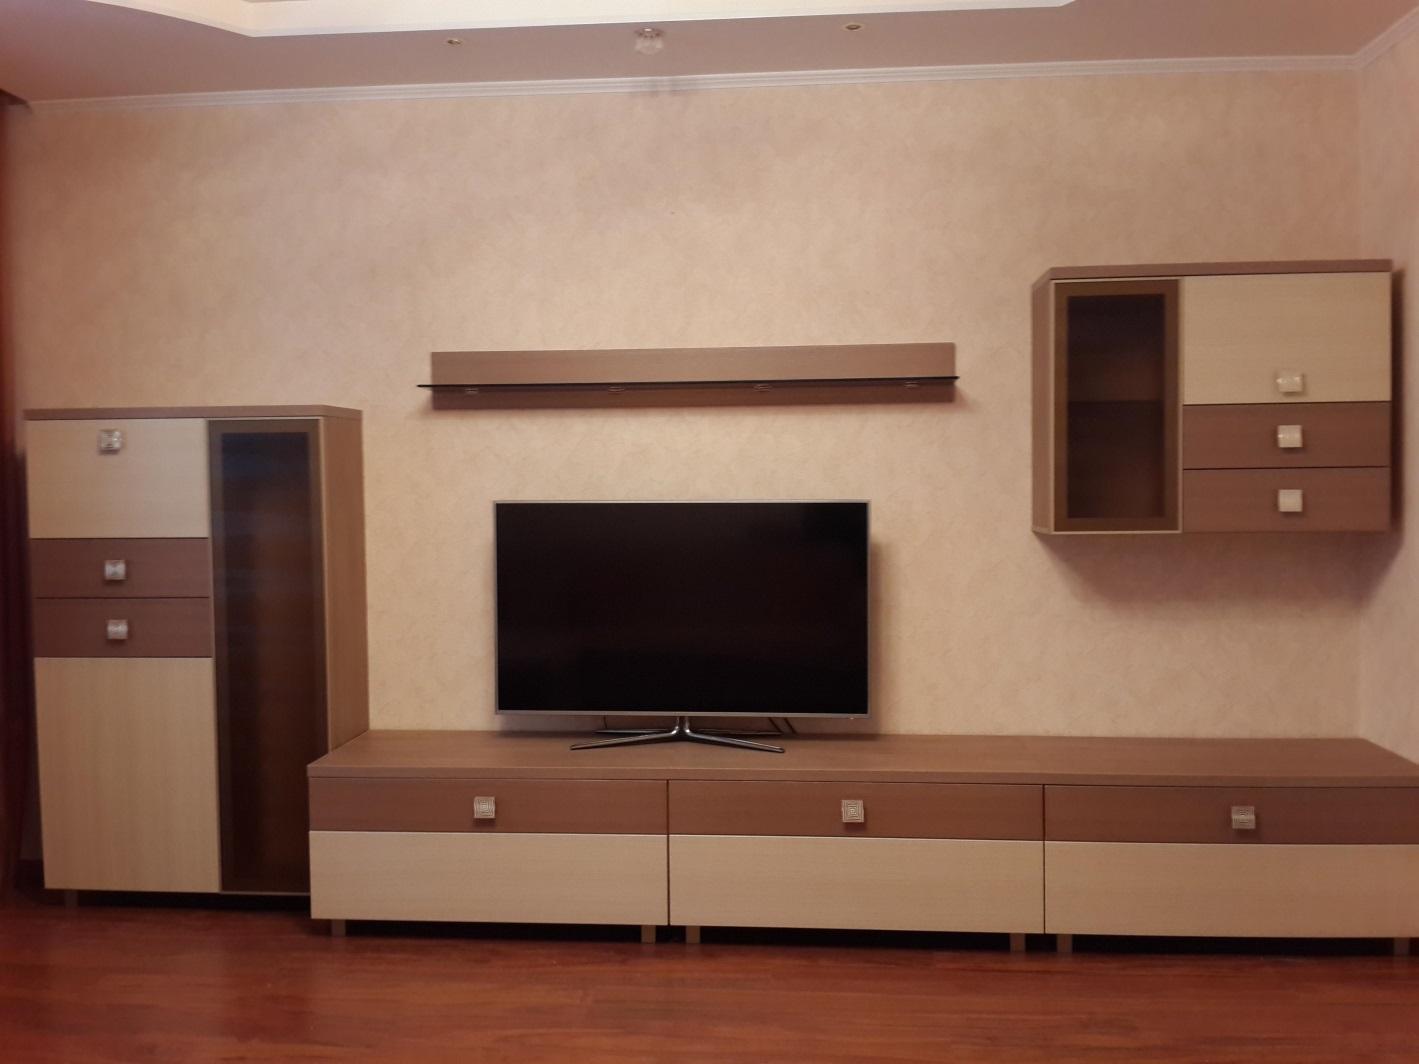 09. «Бюджетные» фасады для модульной мебели из ДСП 2-х цветов тоже могут выглядеть привлекательно.